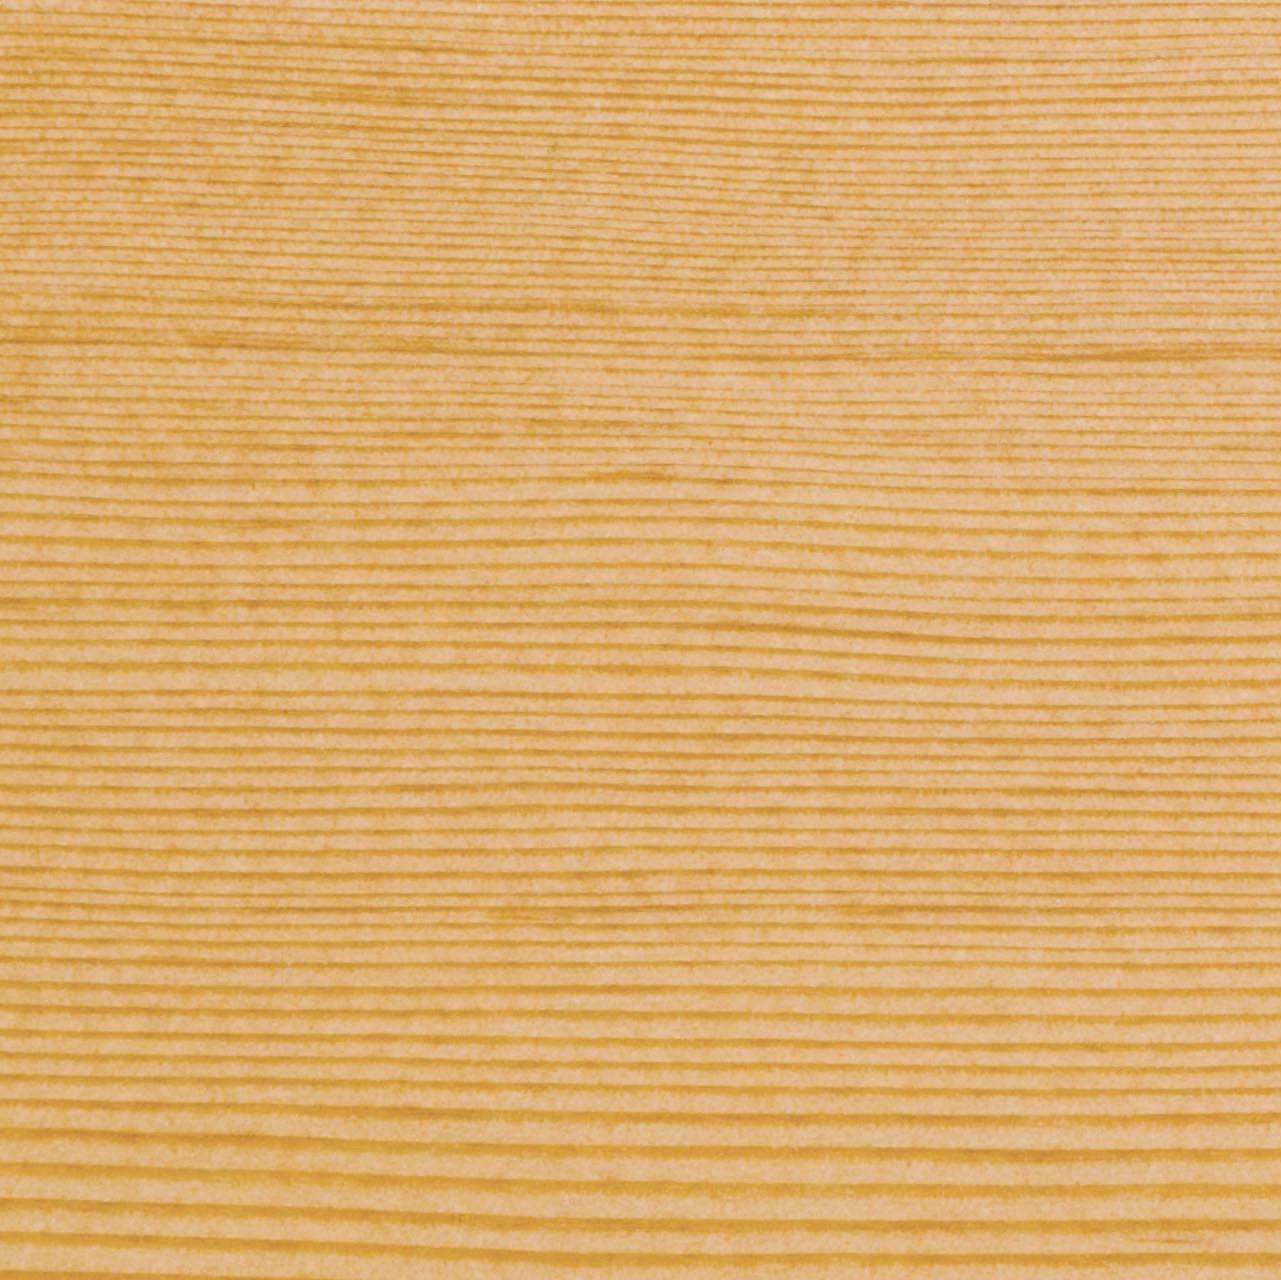 Tavole legno di douglas tavola di douglas grezzo 8 x 29 x 305 cm - Tavole di legno grezzo ...